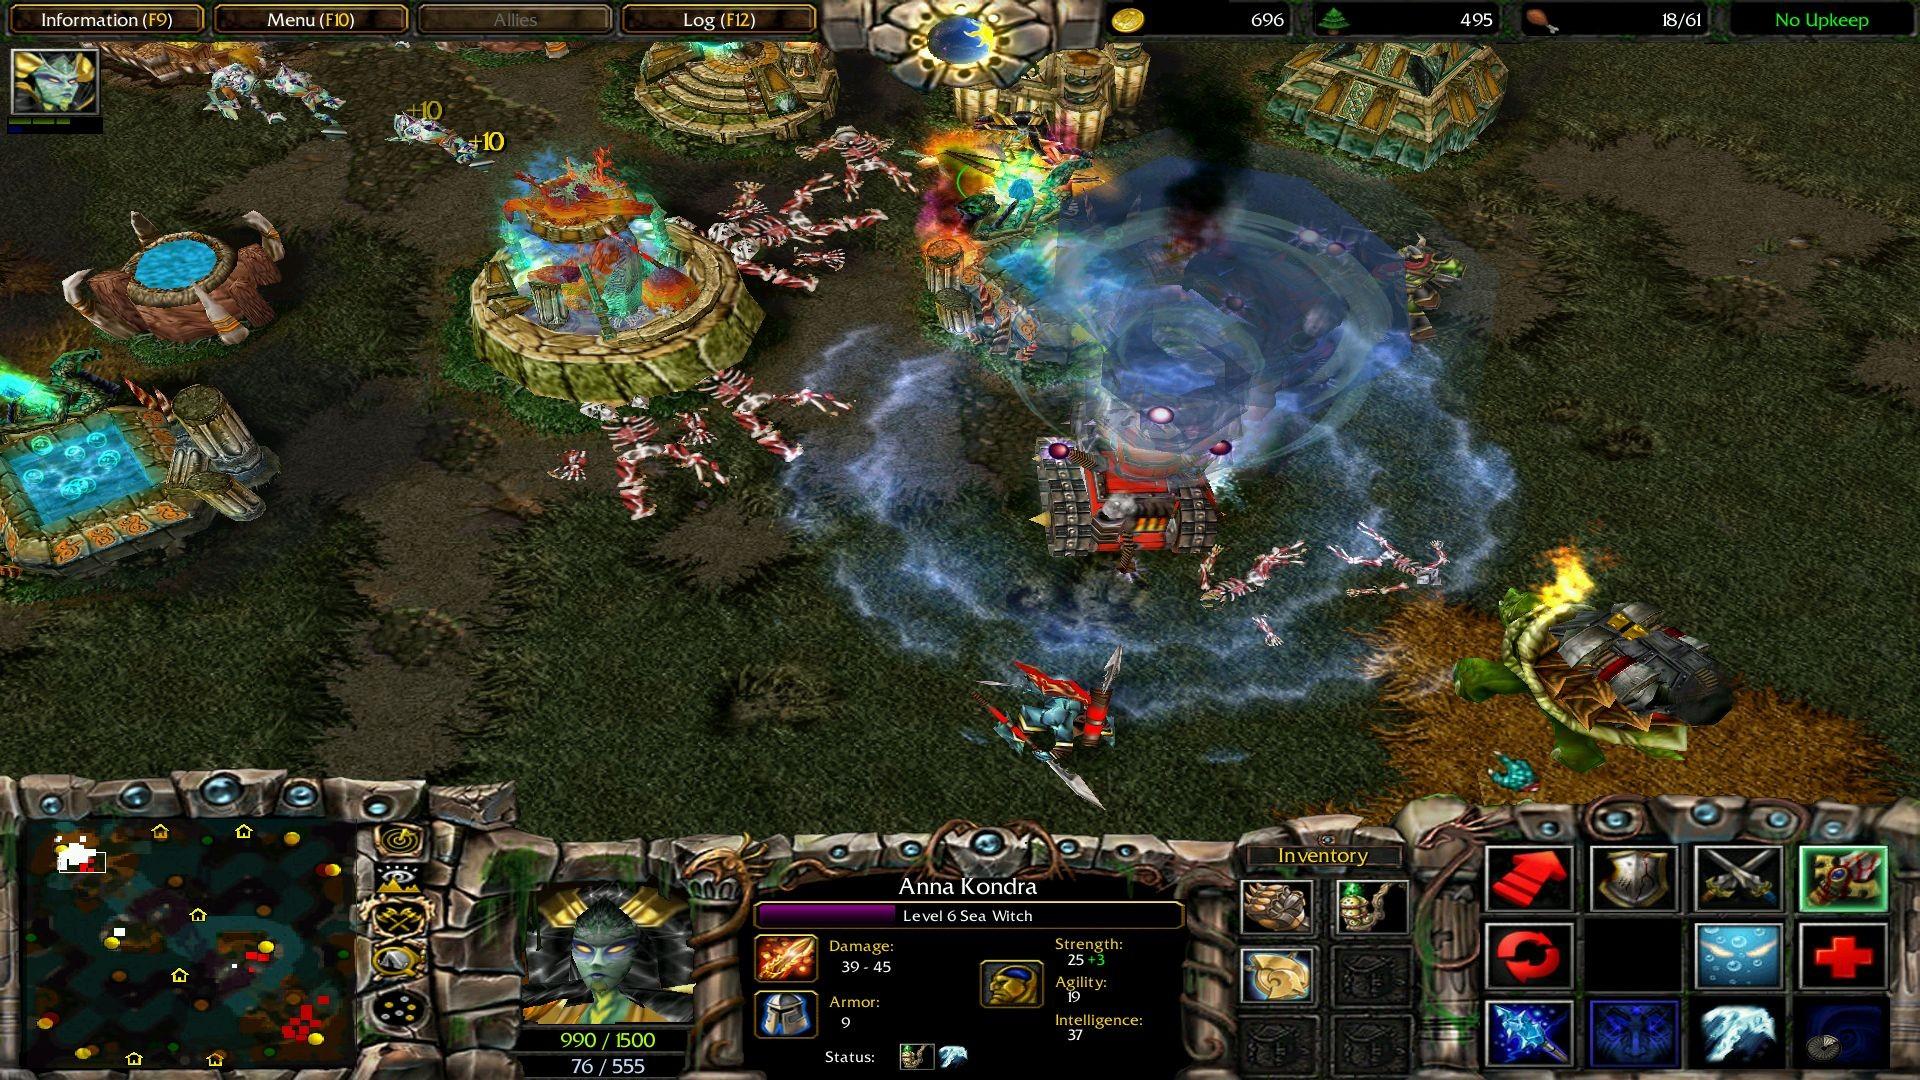 warcraft battlenet: